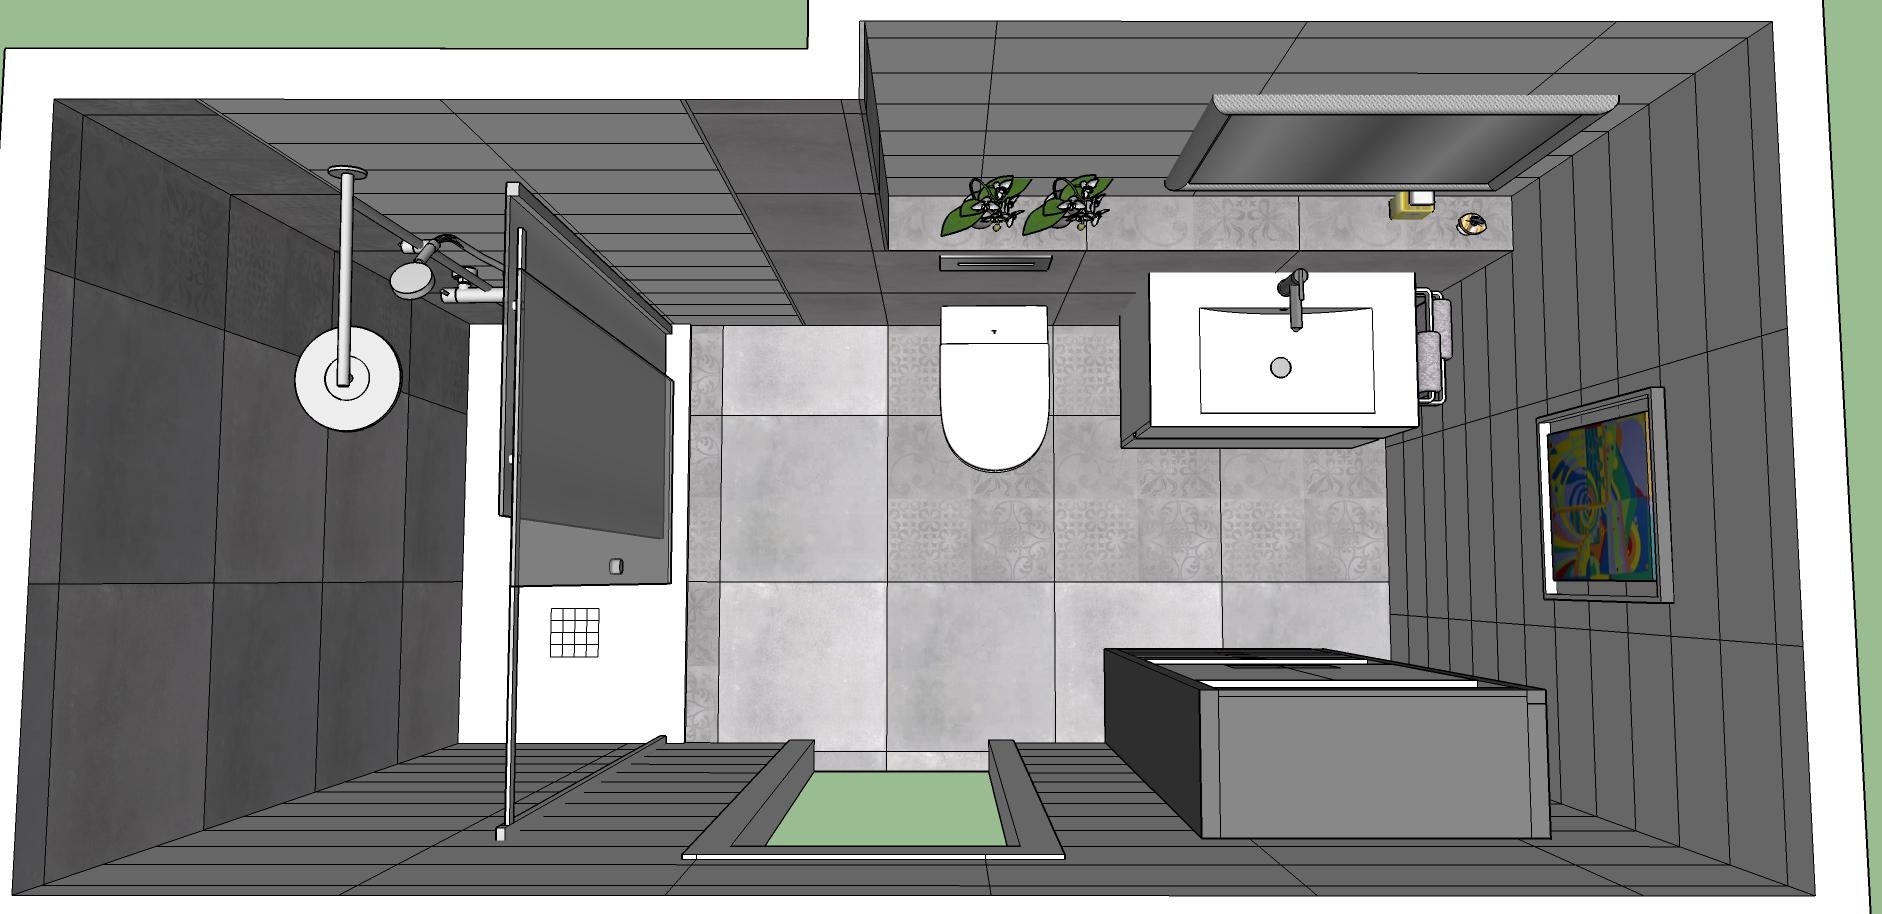 Proyecto 3D-Reforma integral-reforma-coruña-cambio bañera por plato de ducha-contratista-empresa-de-reformas-renueve su casa-reforma baño-reforma cocina-cocinas express_2